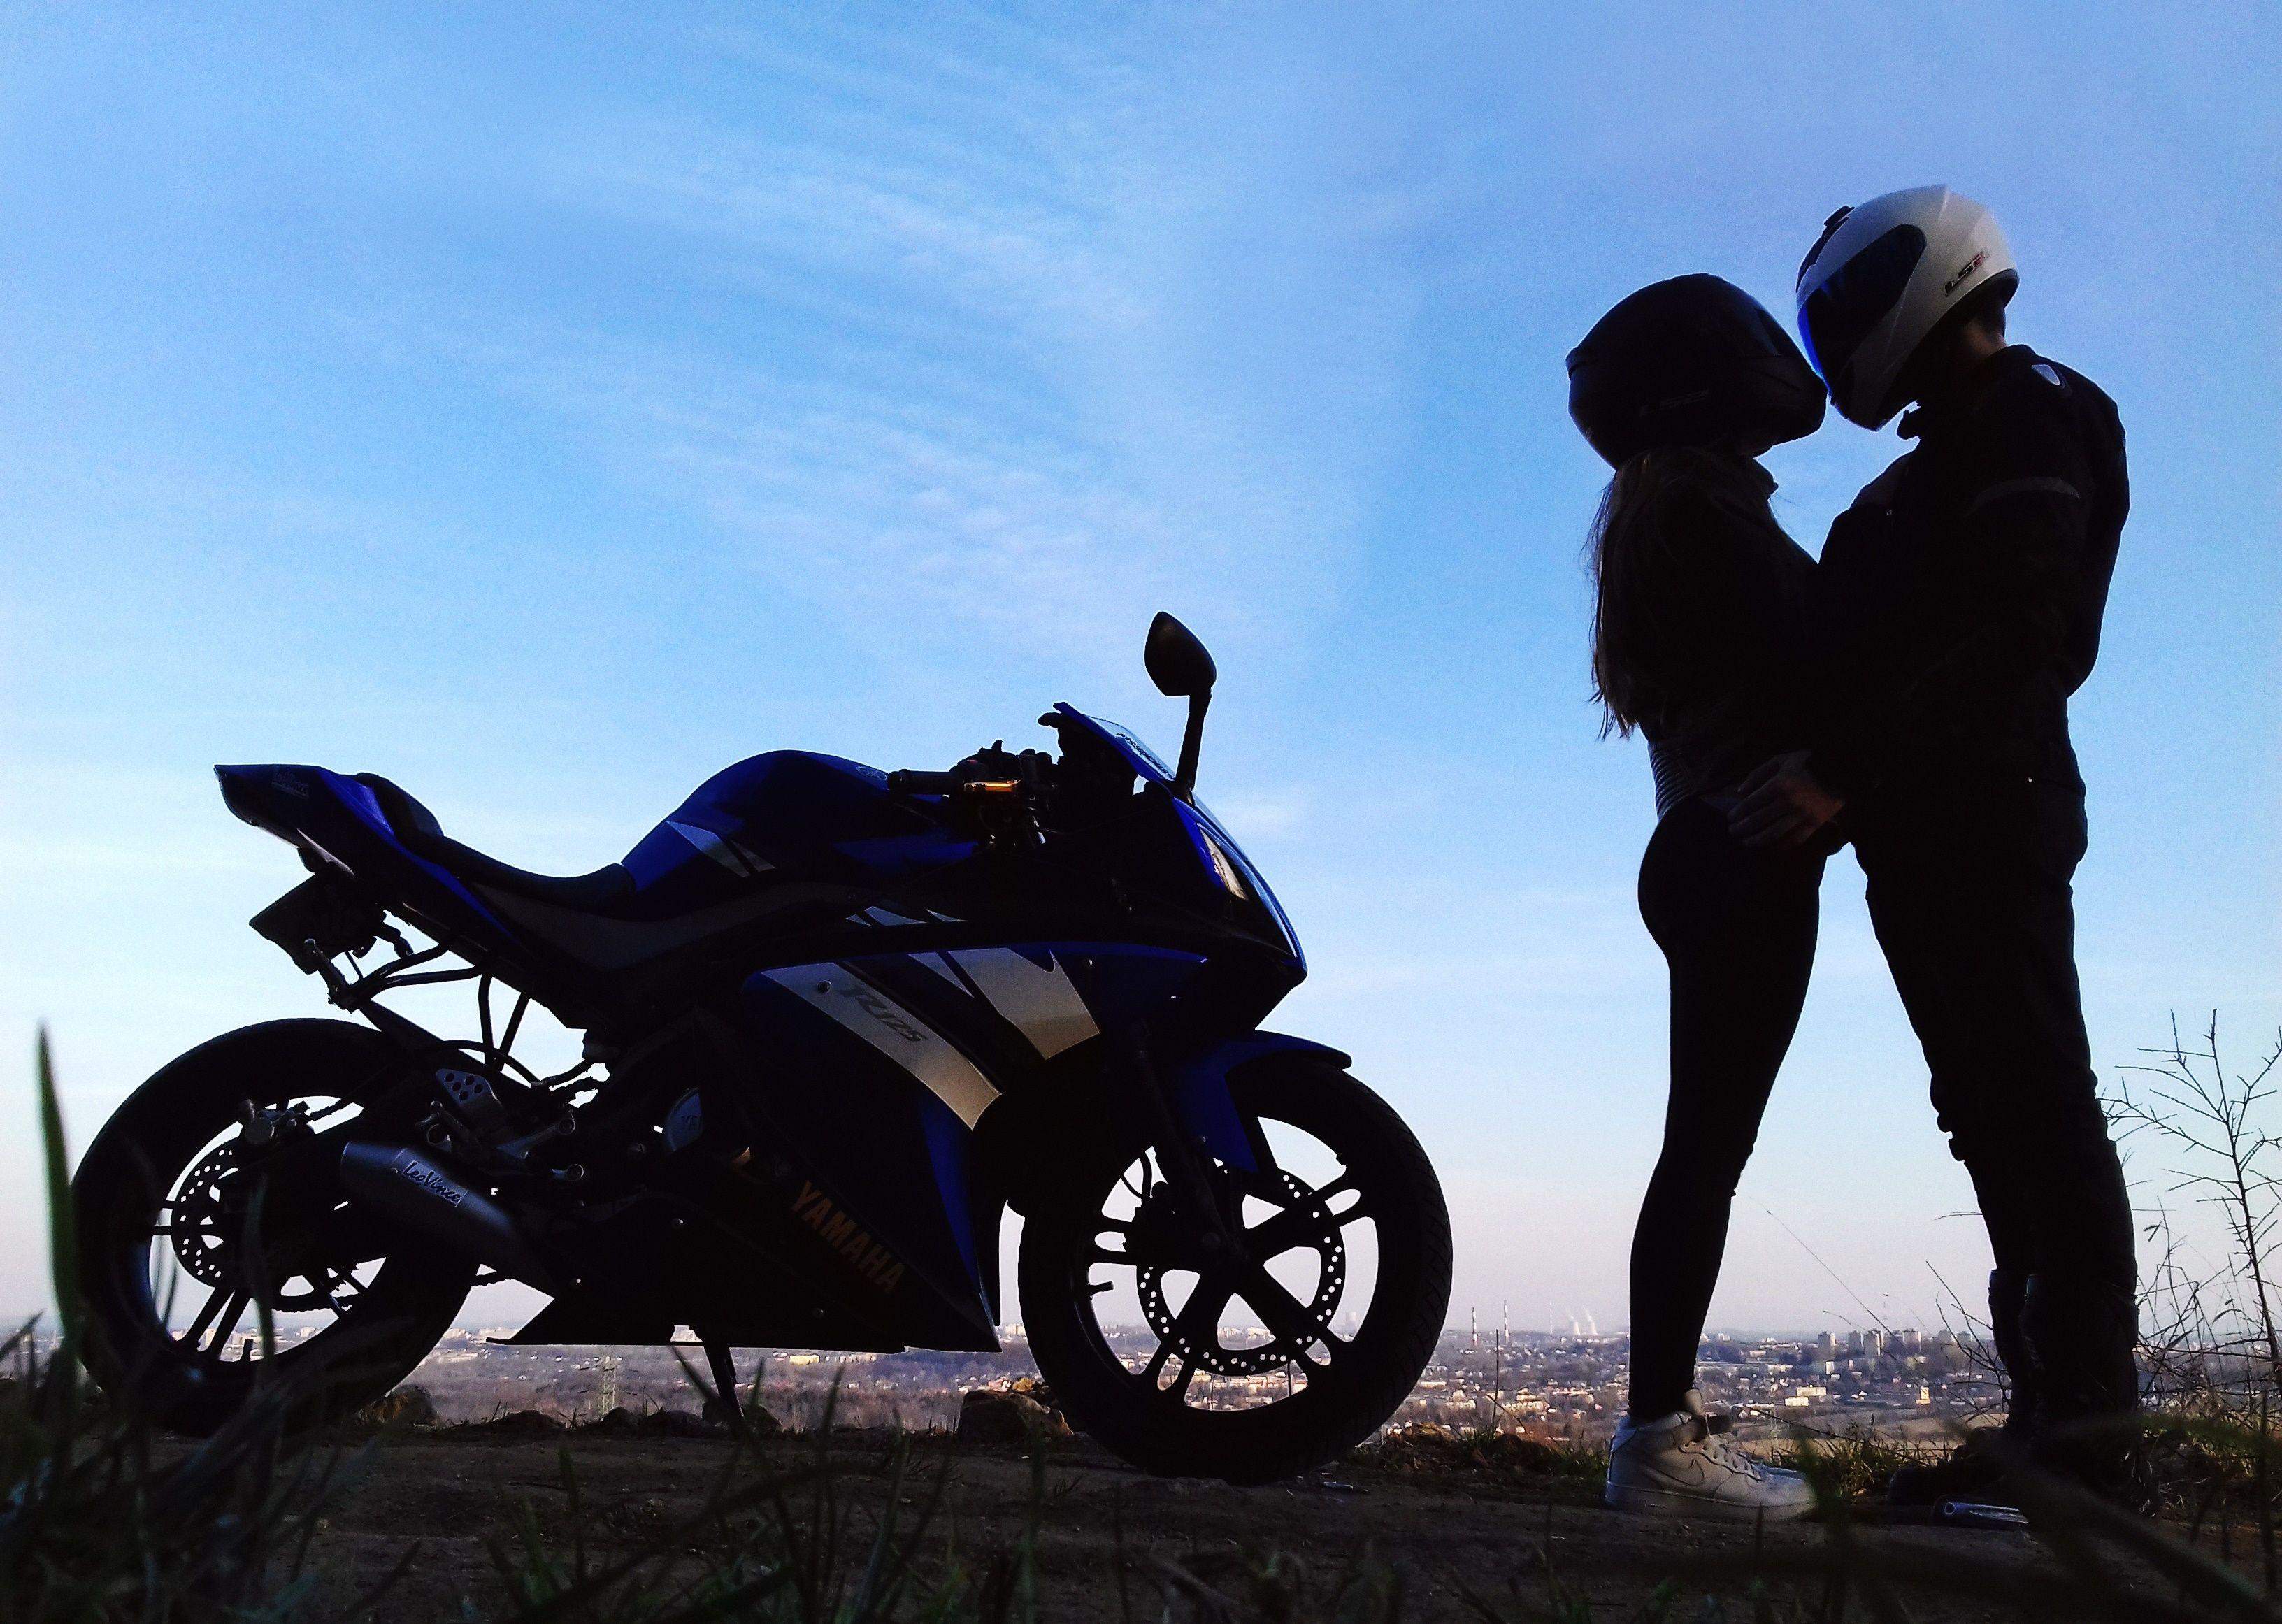 пилоту фото байкера на мотоцикле с любимым человеком небольшой части